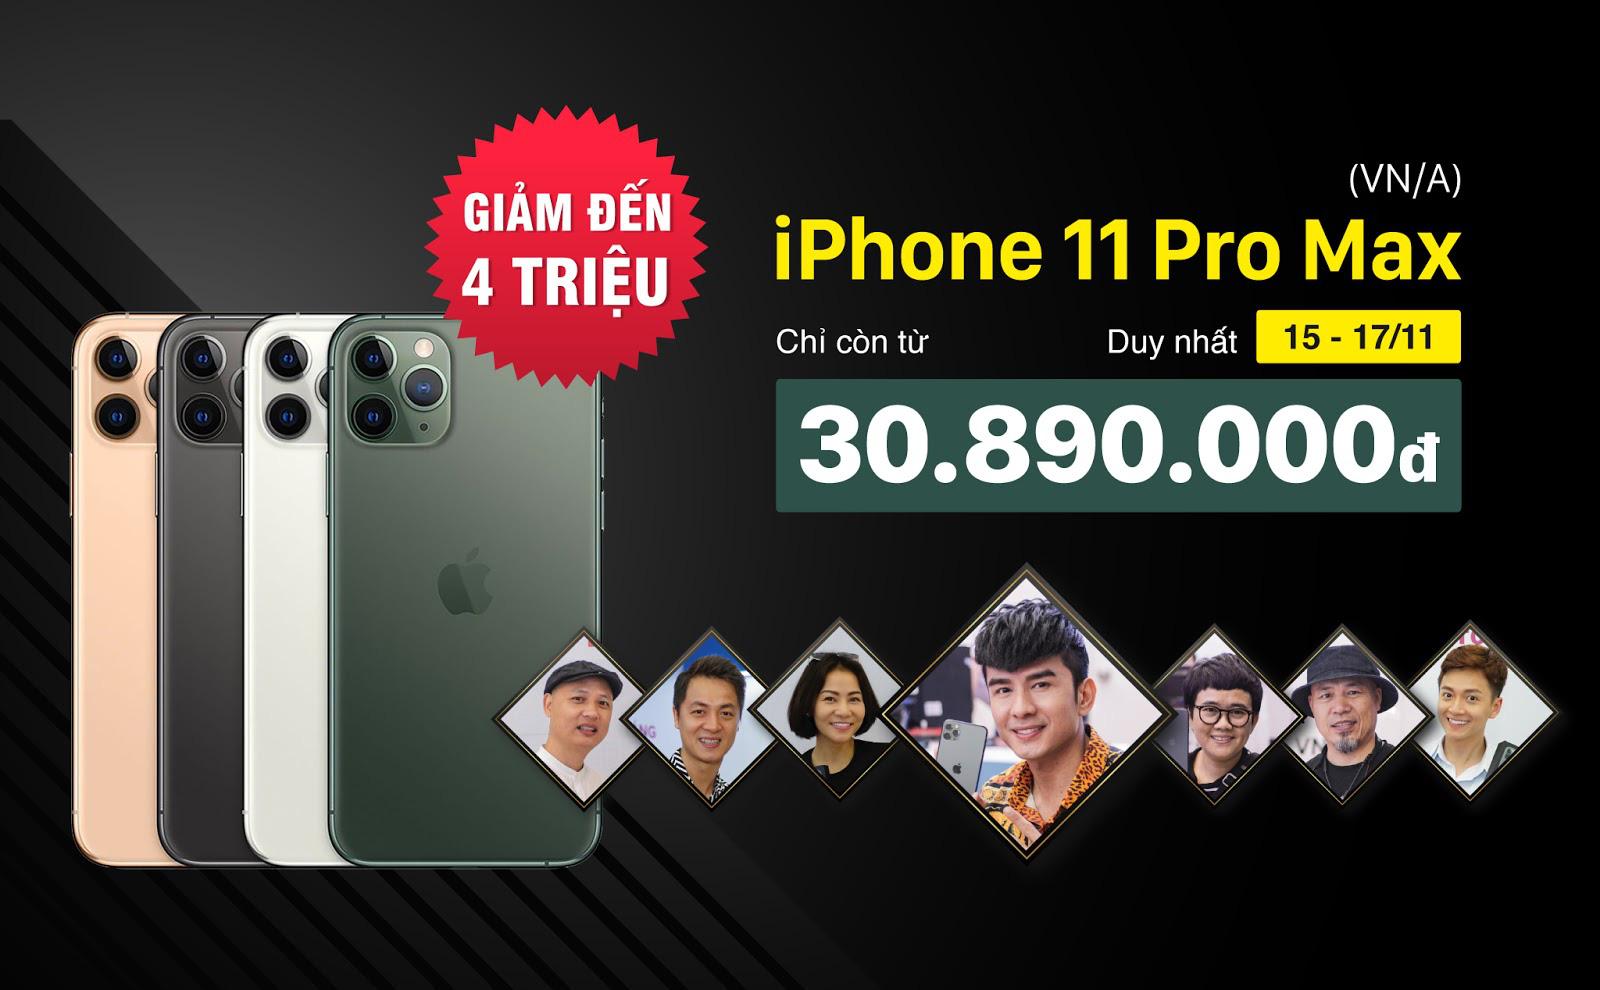 3 ngày cuối tuần, iPhone 11 Pro Max VNA giảm đến 4 triệu đồng tại Di Động Việt - Ảnh 1.